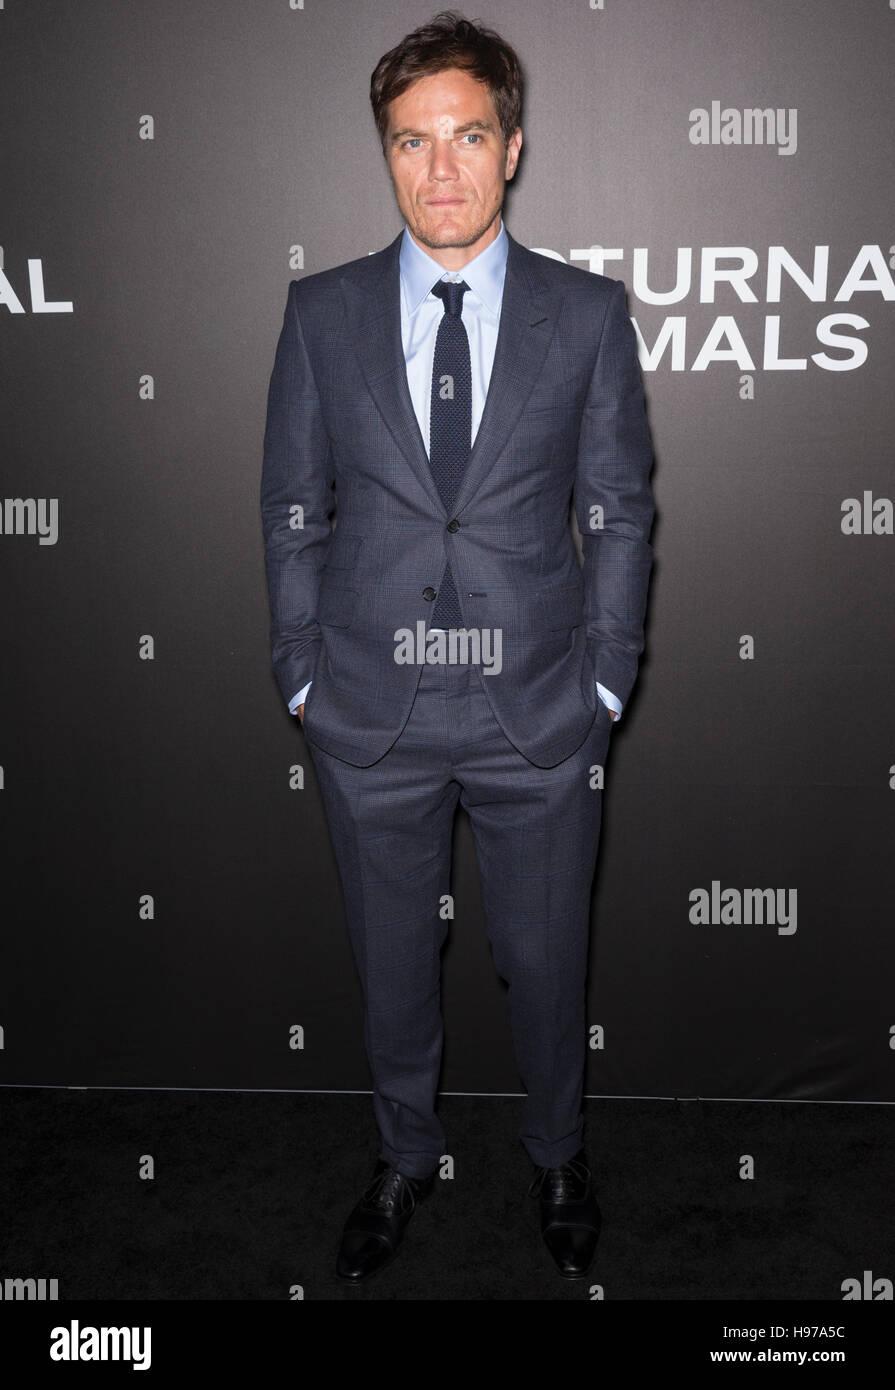 La Ciudad de Nueva York, EE.UU. - 17 noviembre, 2016: el actor Michael Shannon asiste al 'animales nocturnos' Imagen De Stock